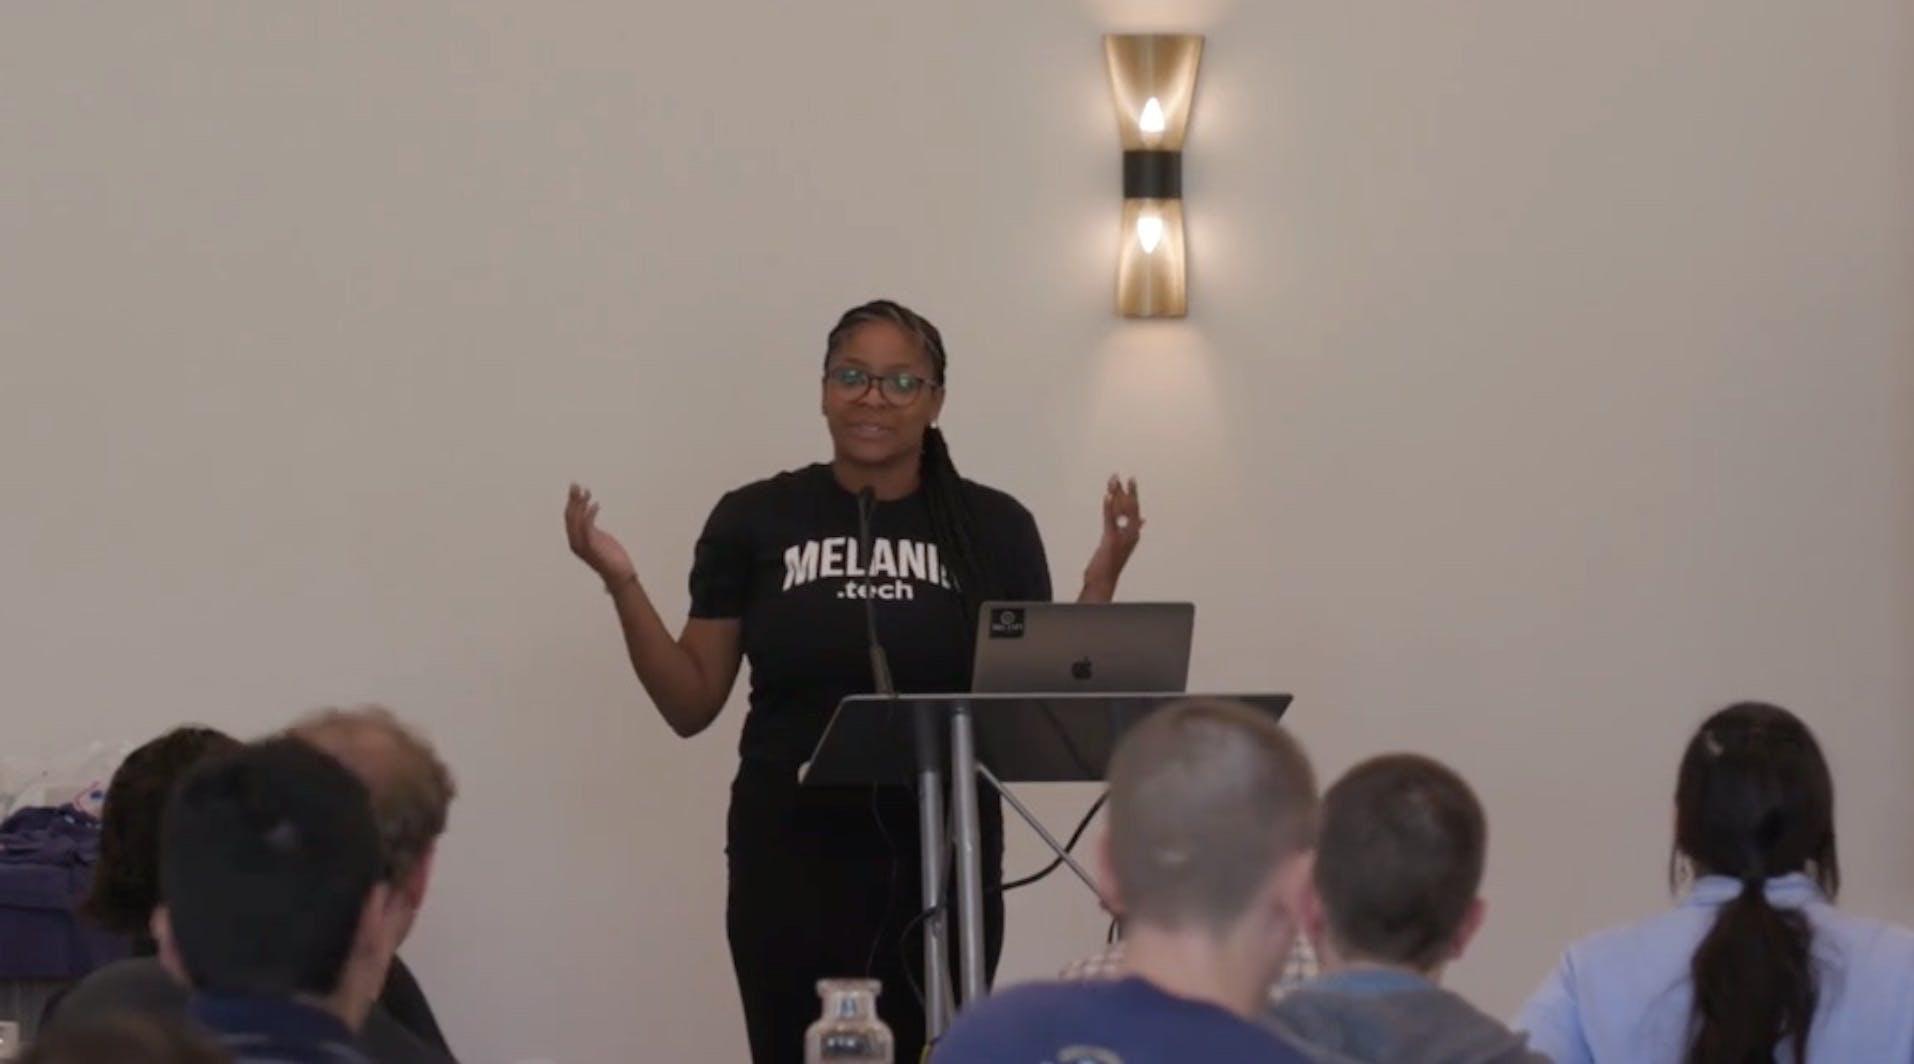 Chanita Simms gives a presentation